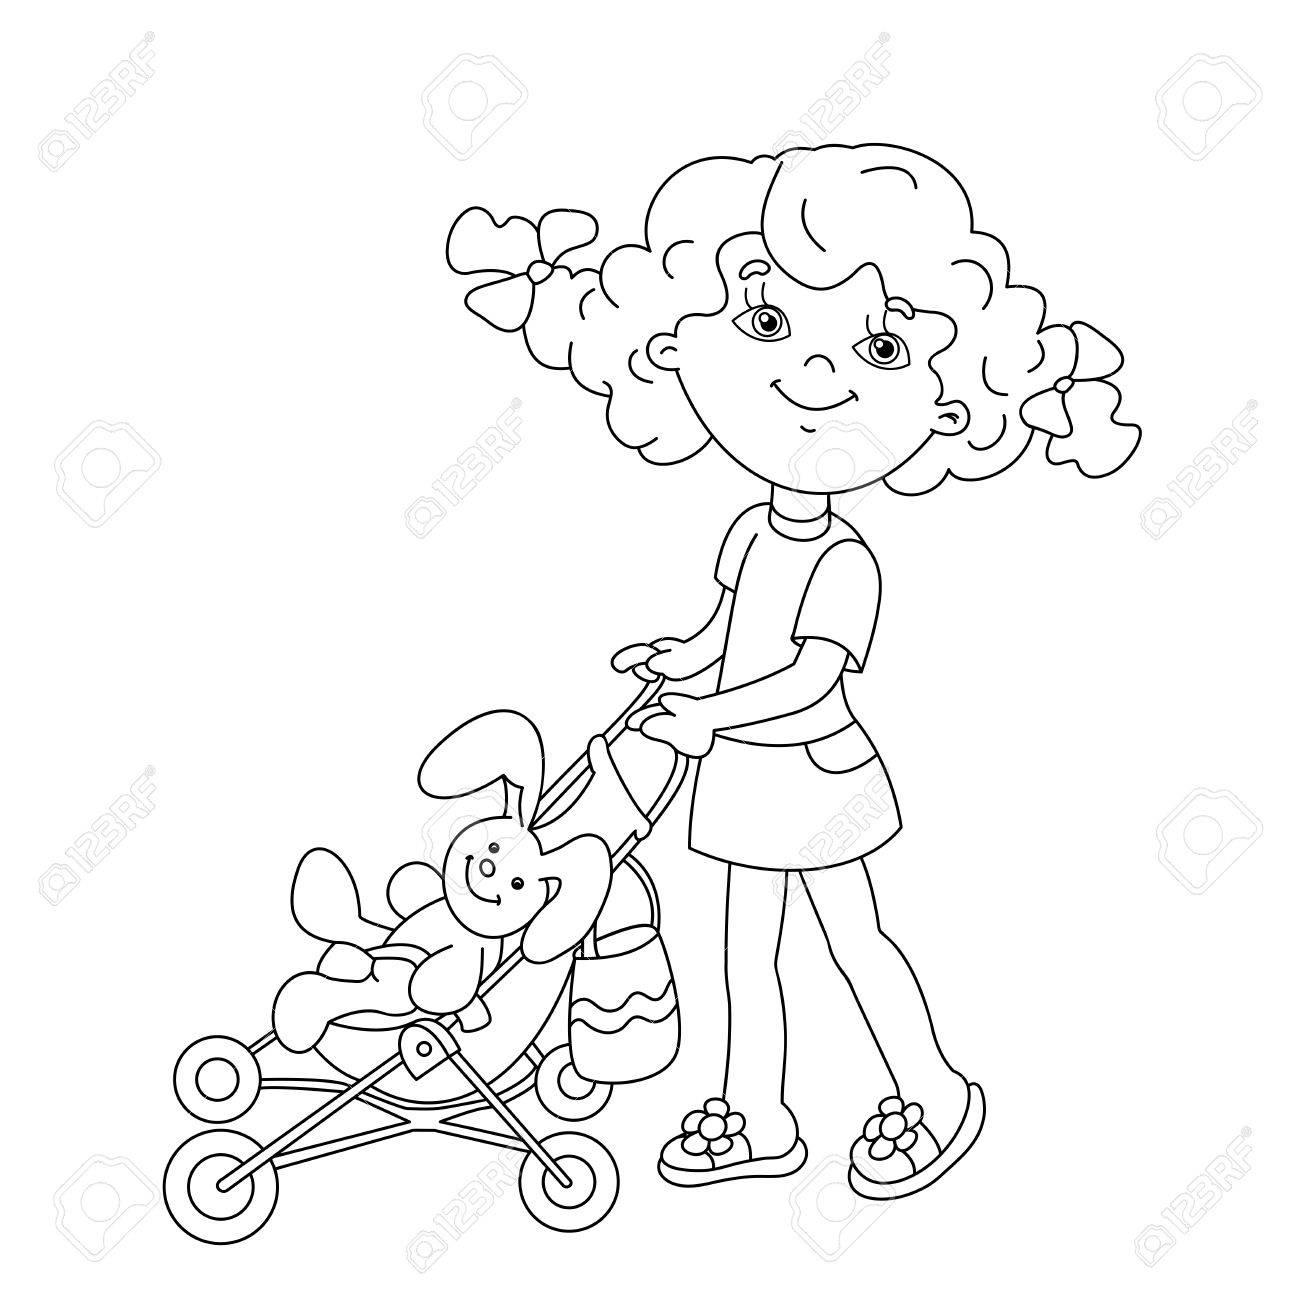 Página Para Colorear Esquema De Niña De Dibujos Animados Jugar Con ...